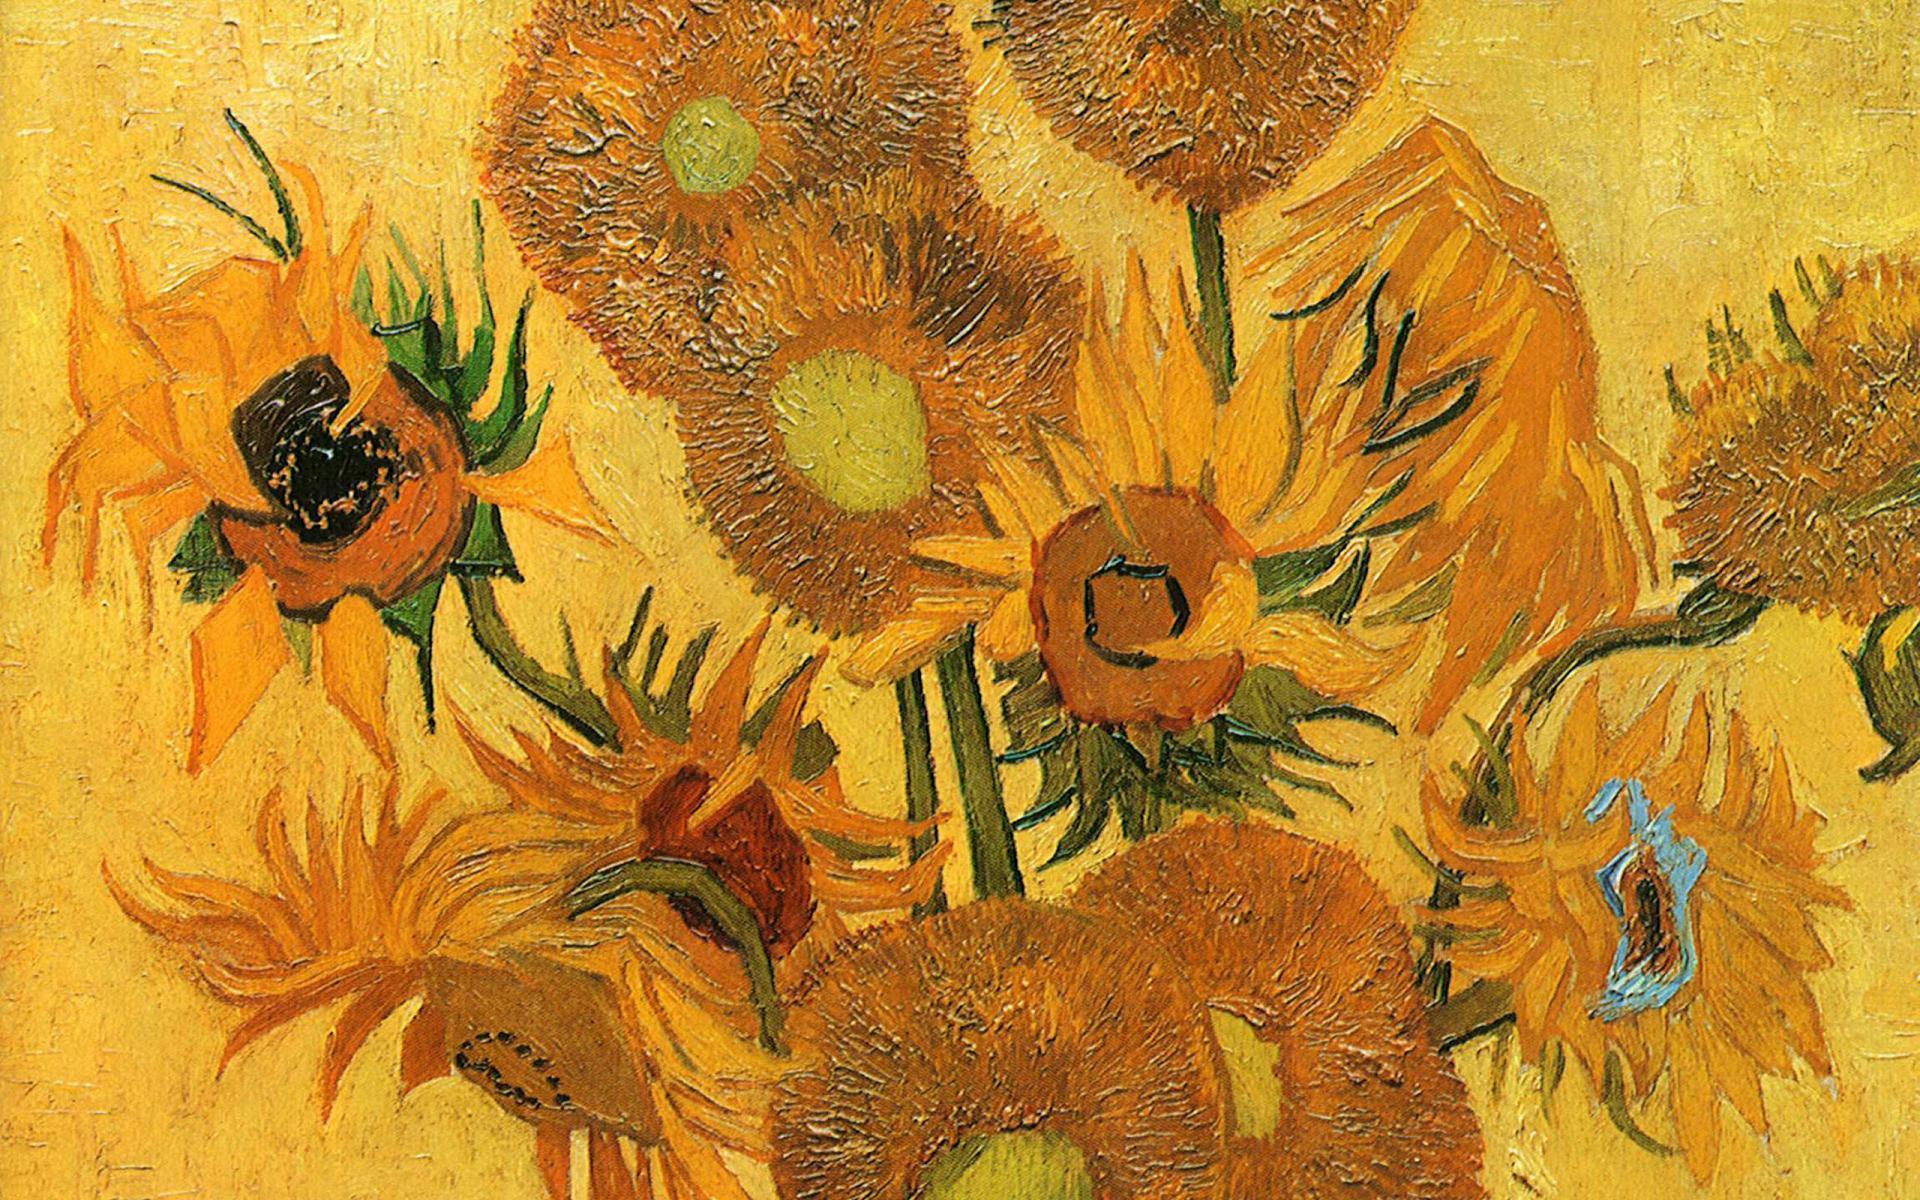 Vincent van gogh wallpapers wallpaper cave - Van gogh comedores de patatas ...